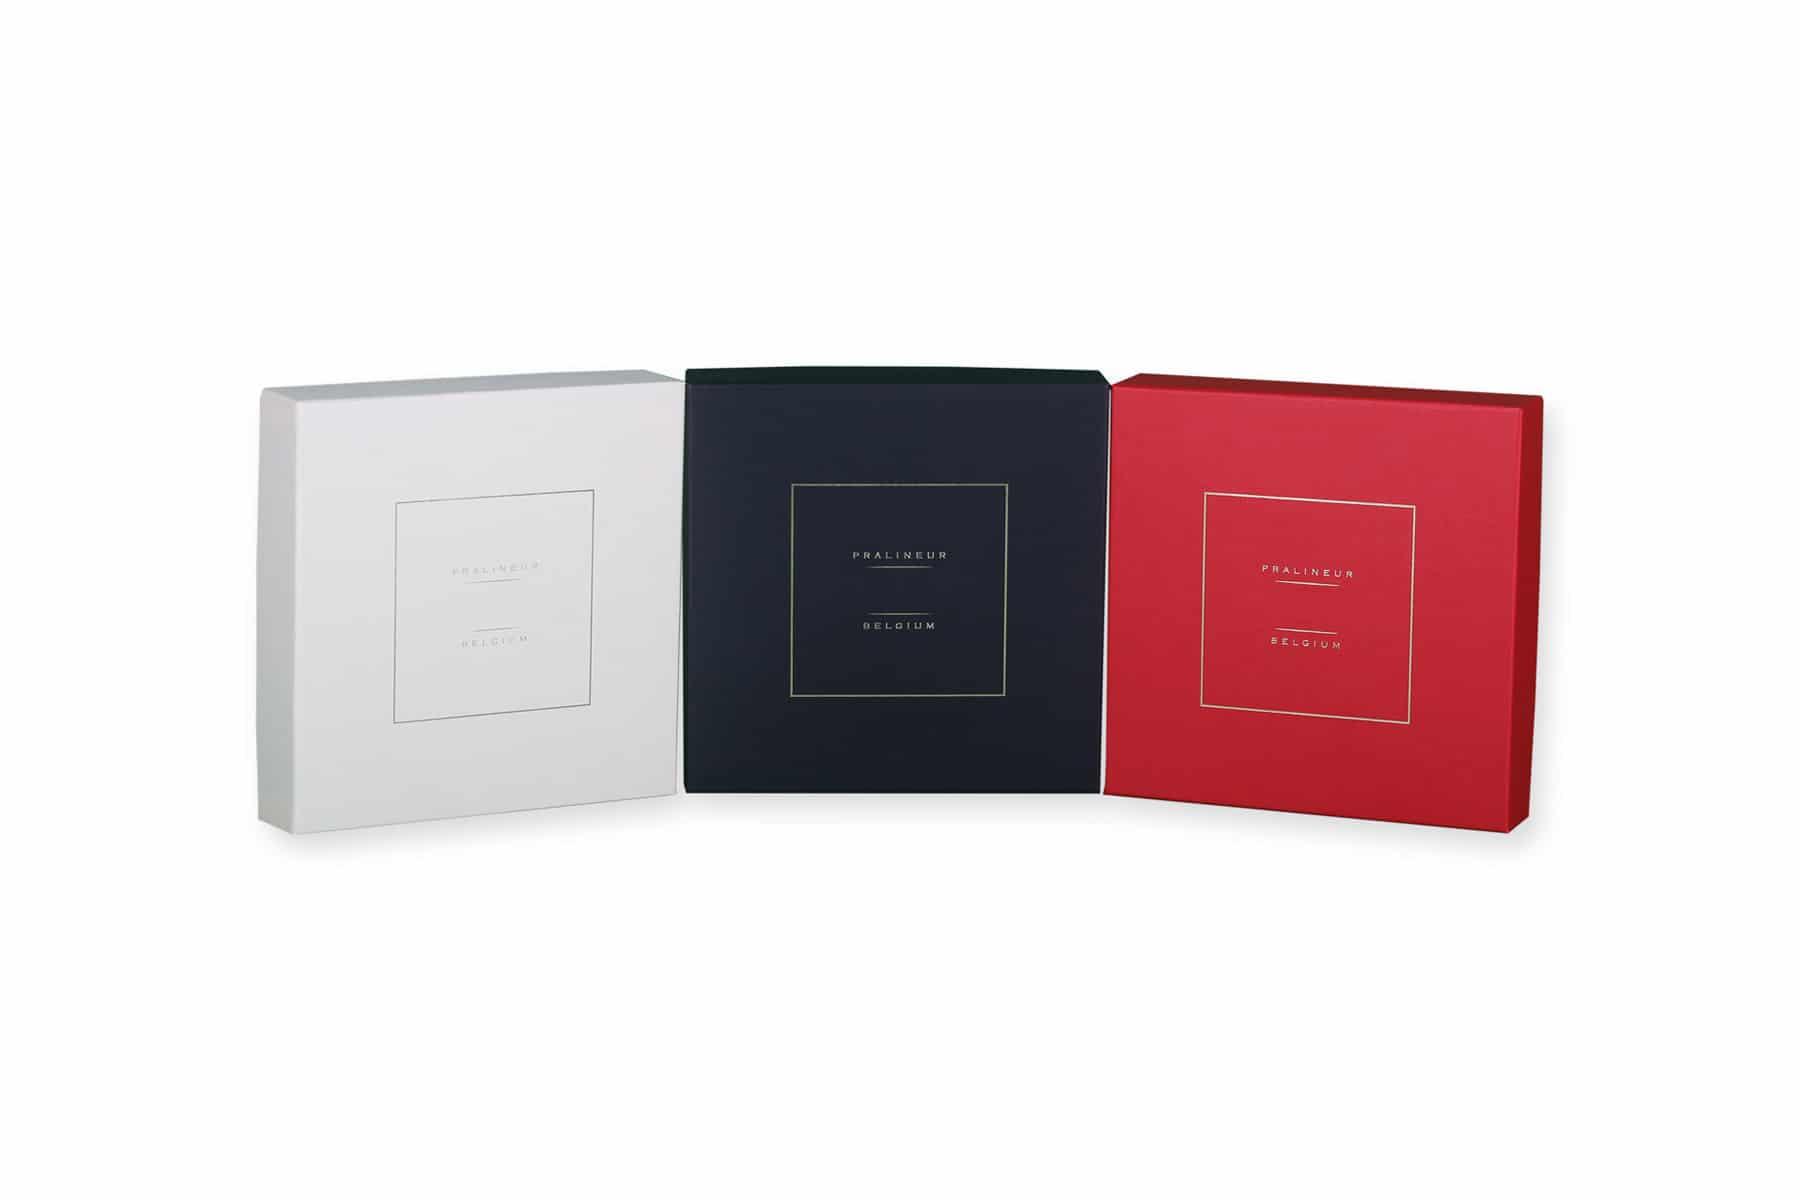 MMB verpakkingen luxe kartonnen doos